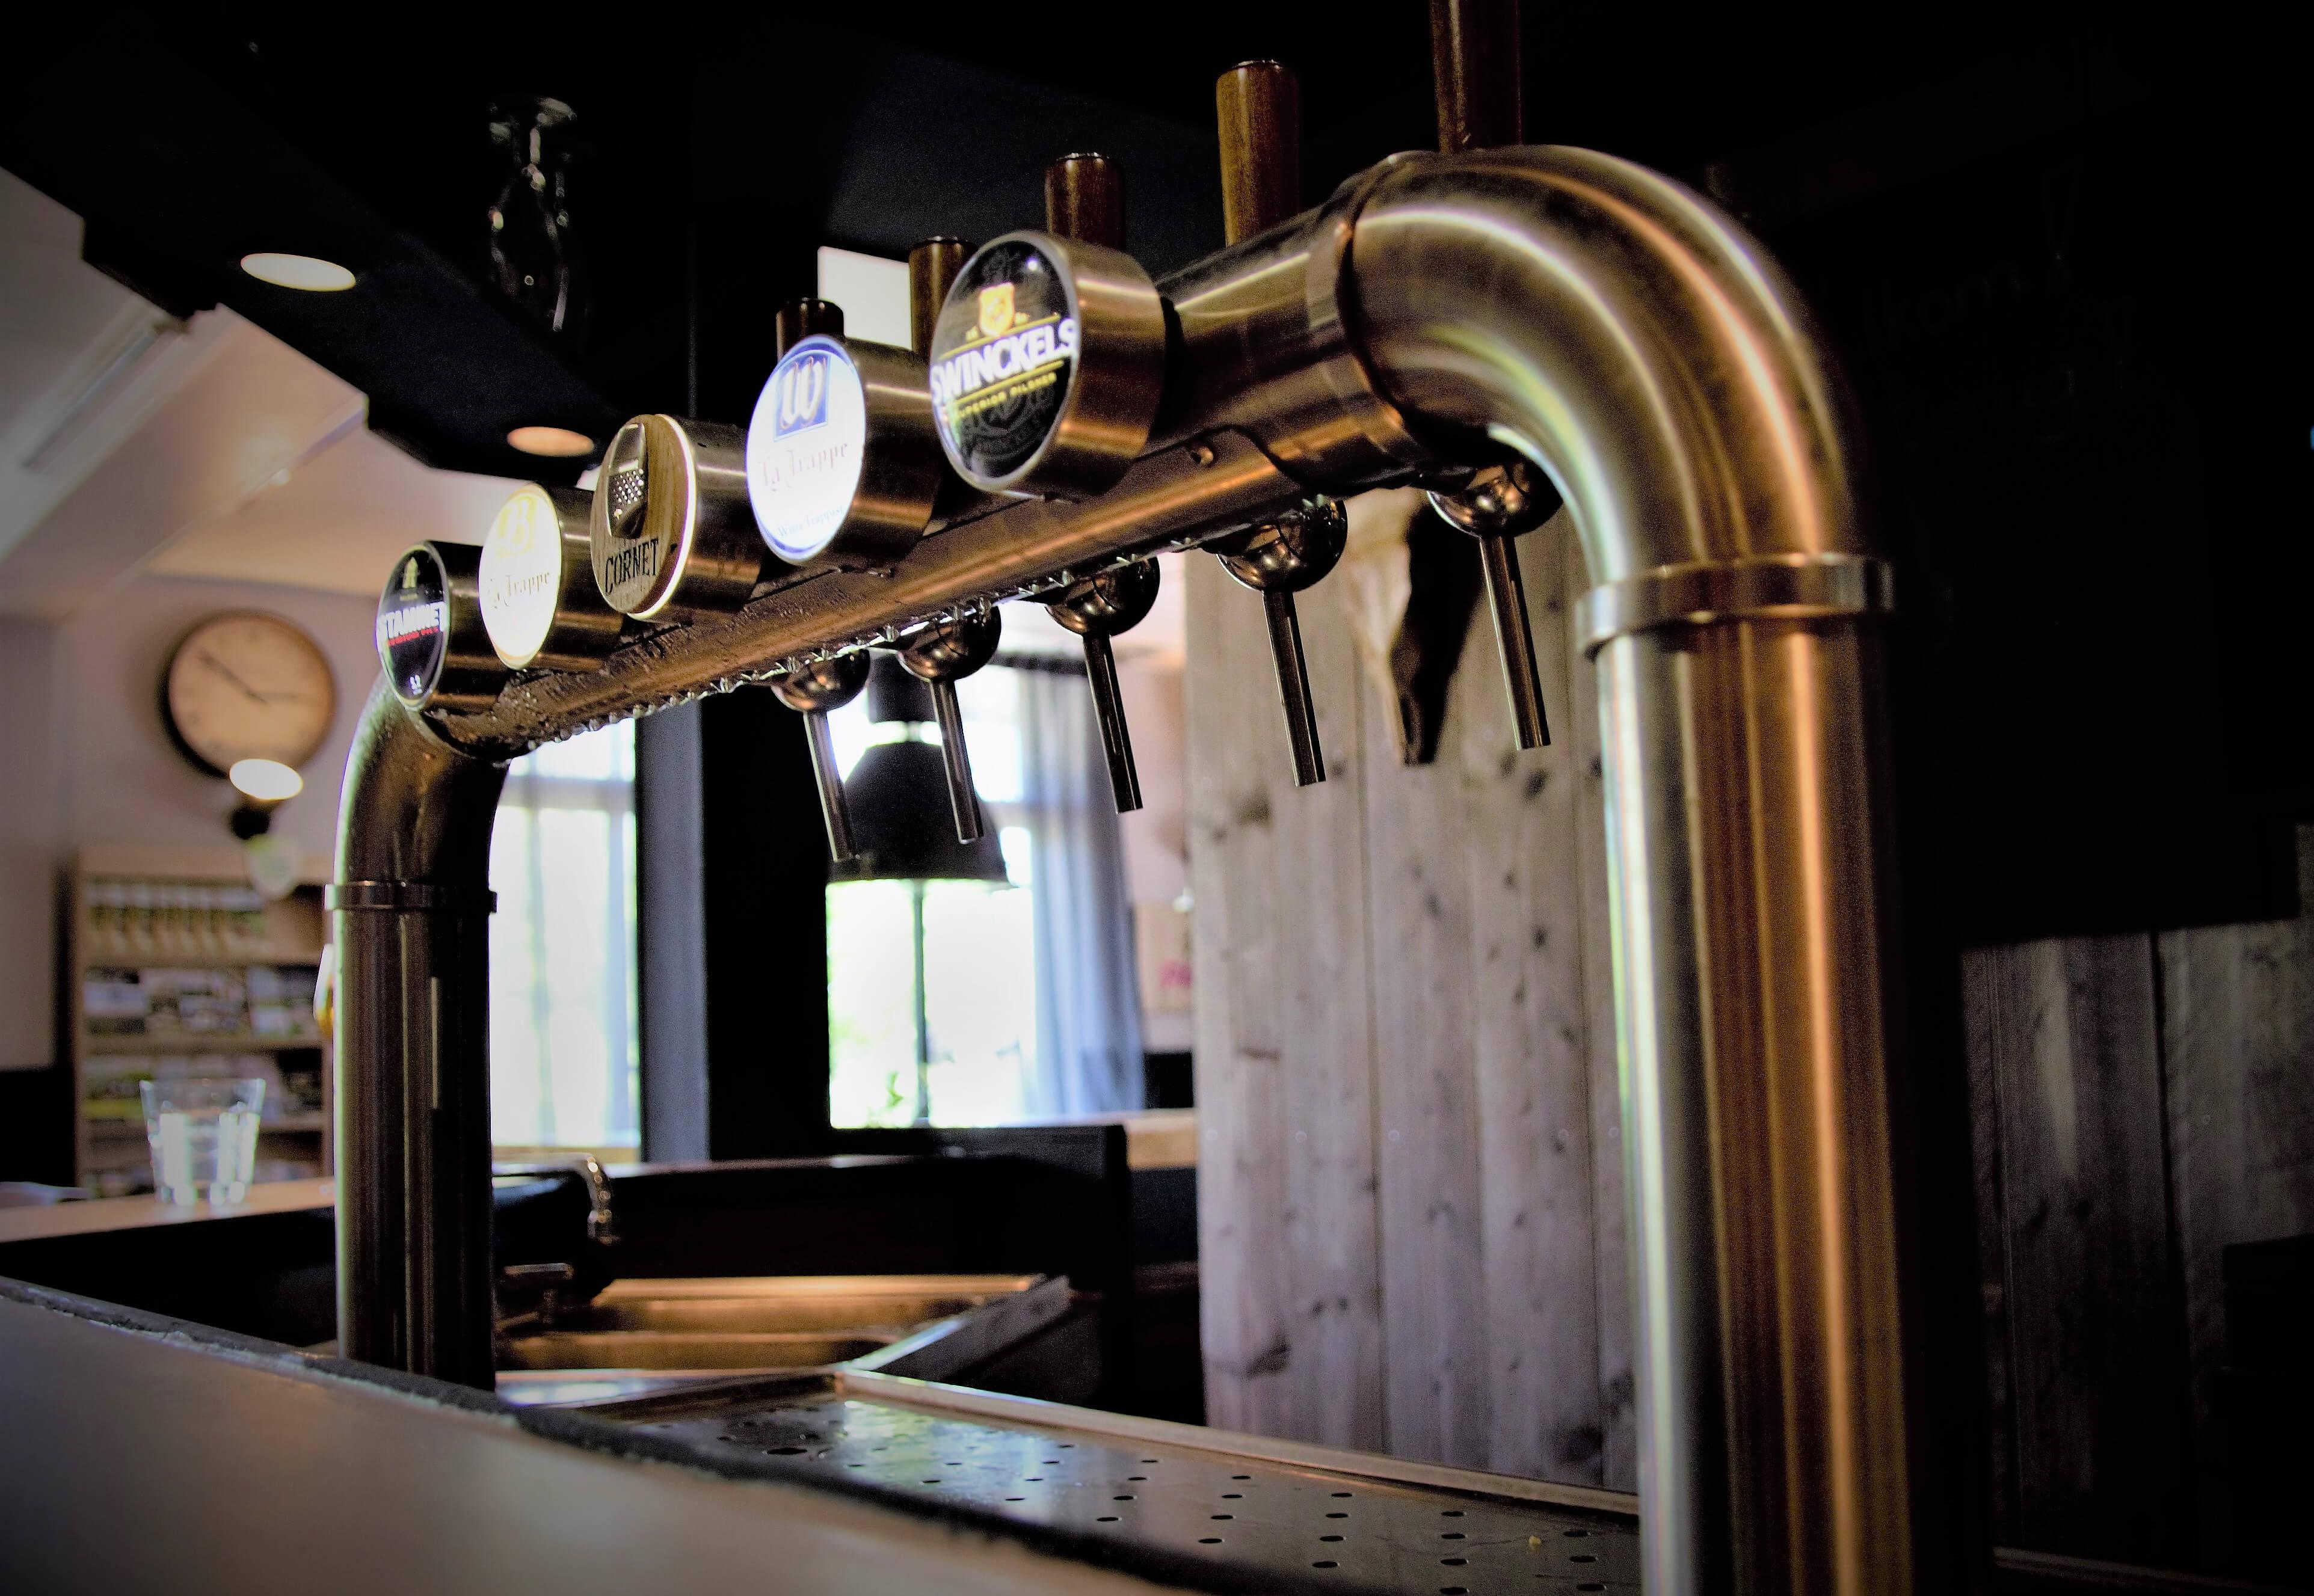 Onze<br /><em>bier, wijn en<br /></em><em>drankenkaart</em>.